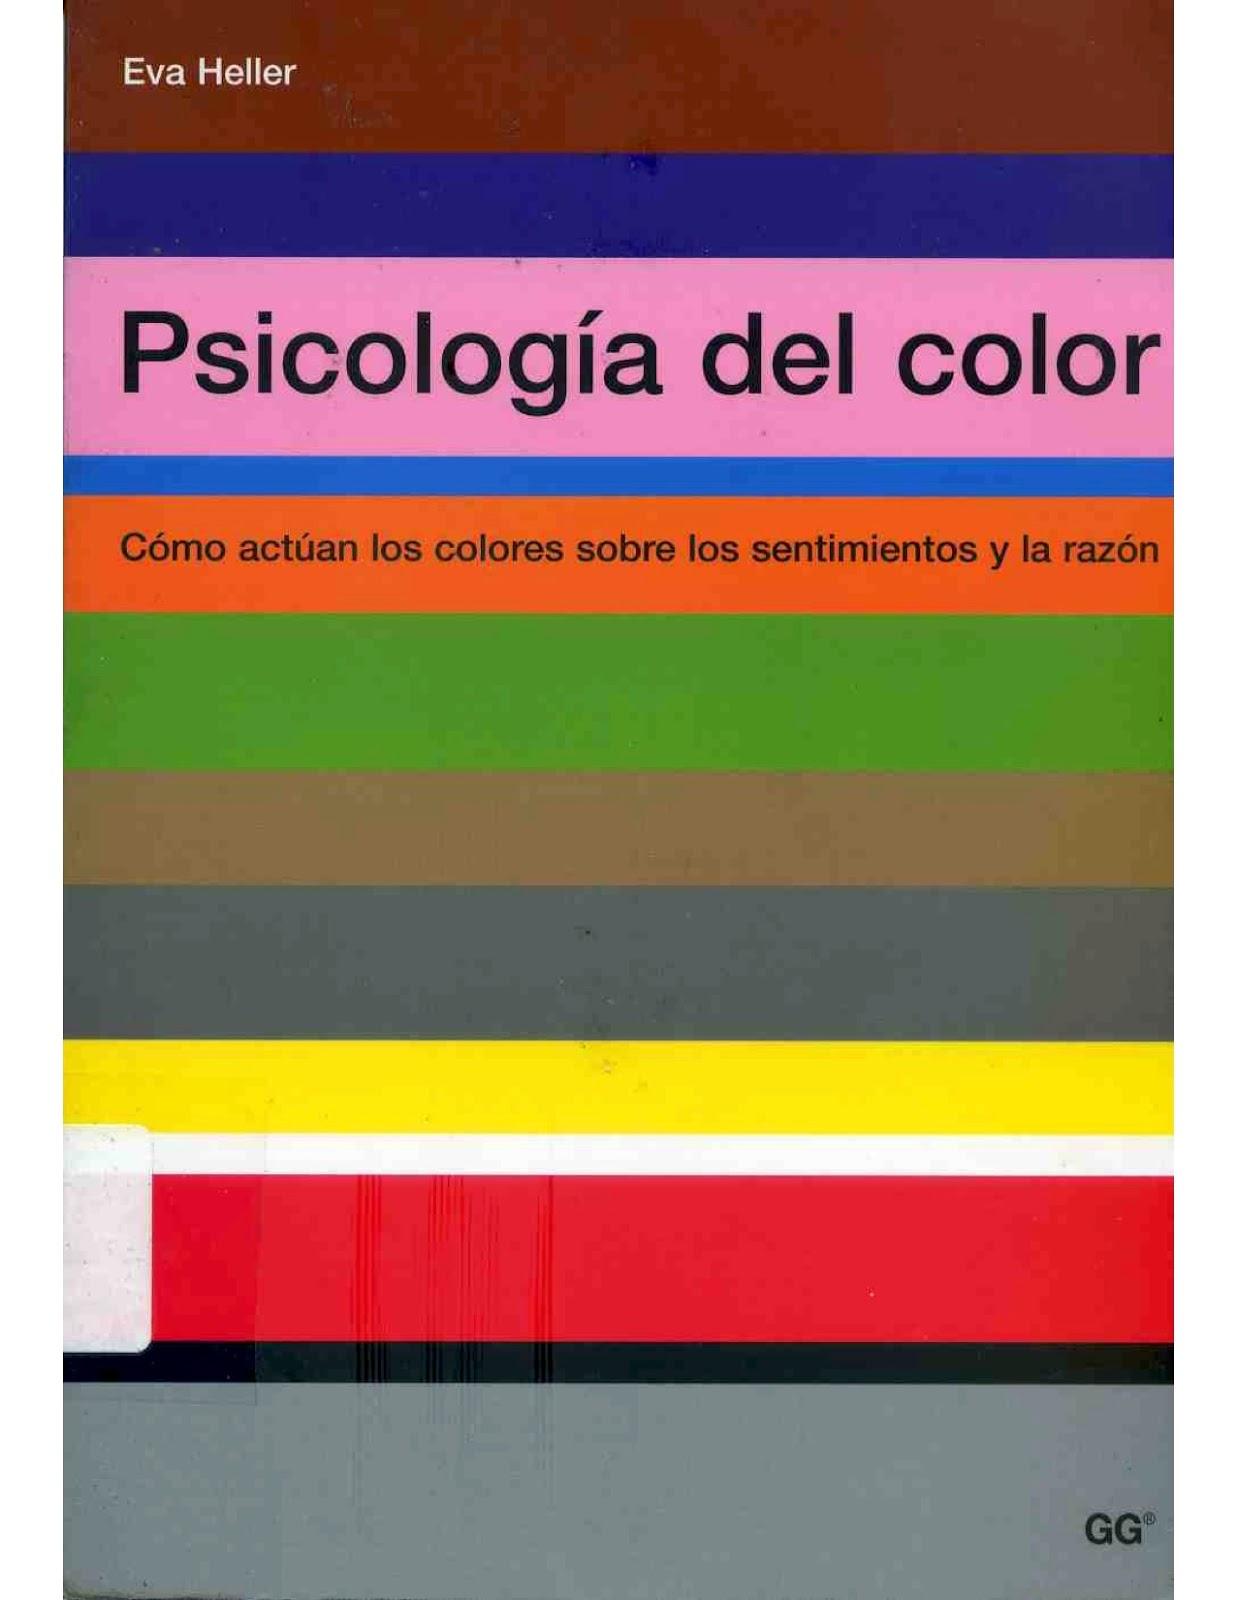 LIBRO PDF Eva Heller - Psicología del color